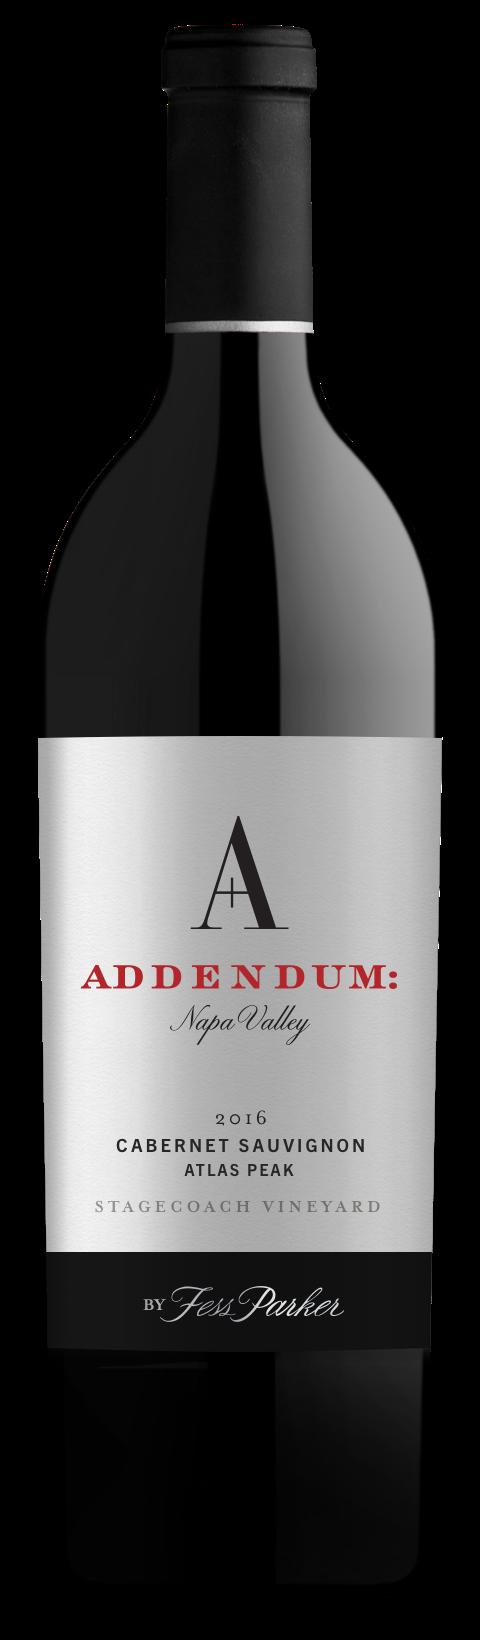 2016 Addendum Cabernet Sauvignon, Stagecoach Vineyard, Atlas Peak - bottle shot